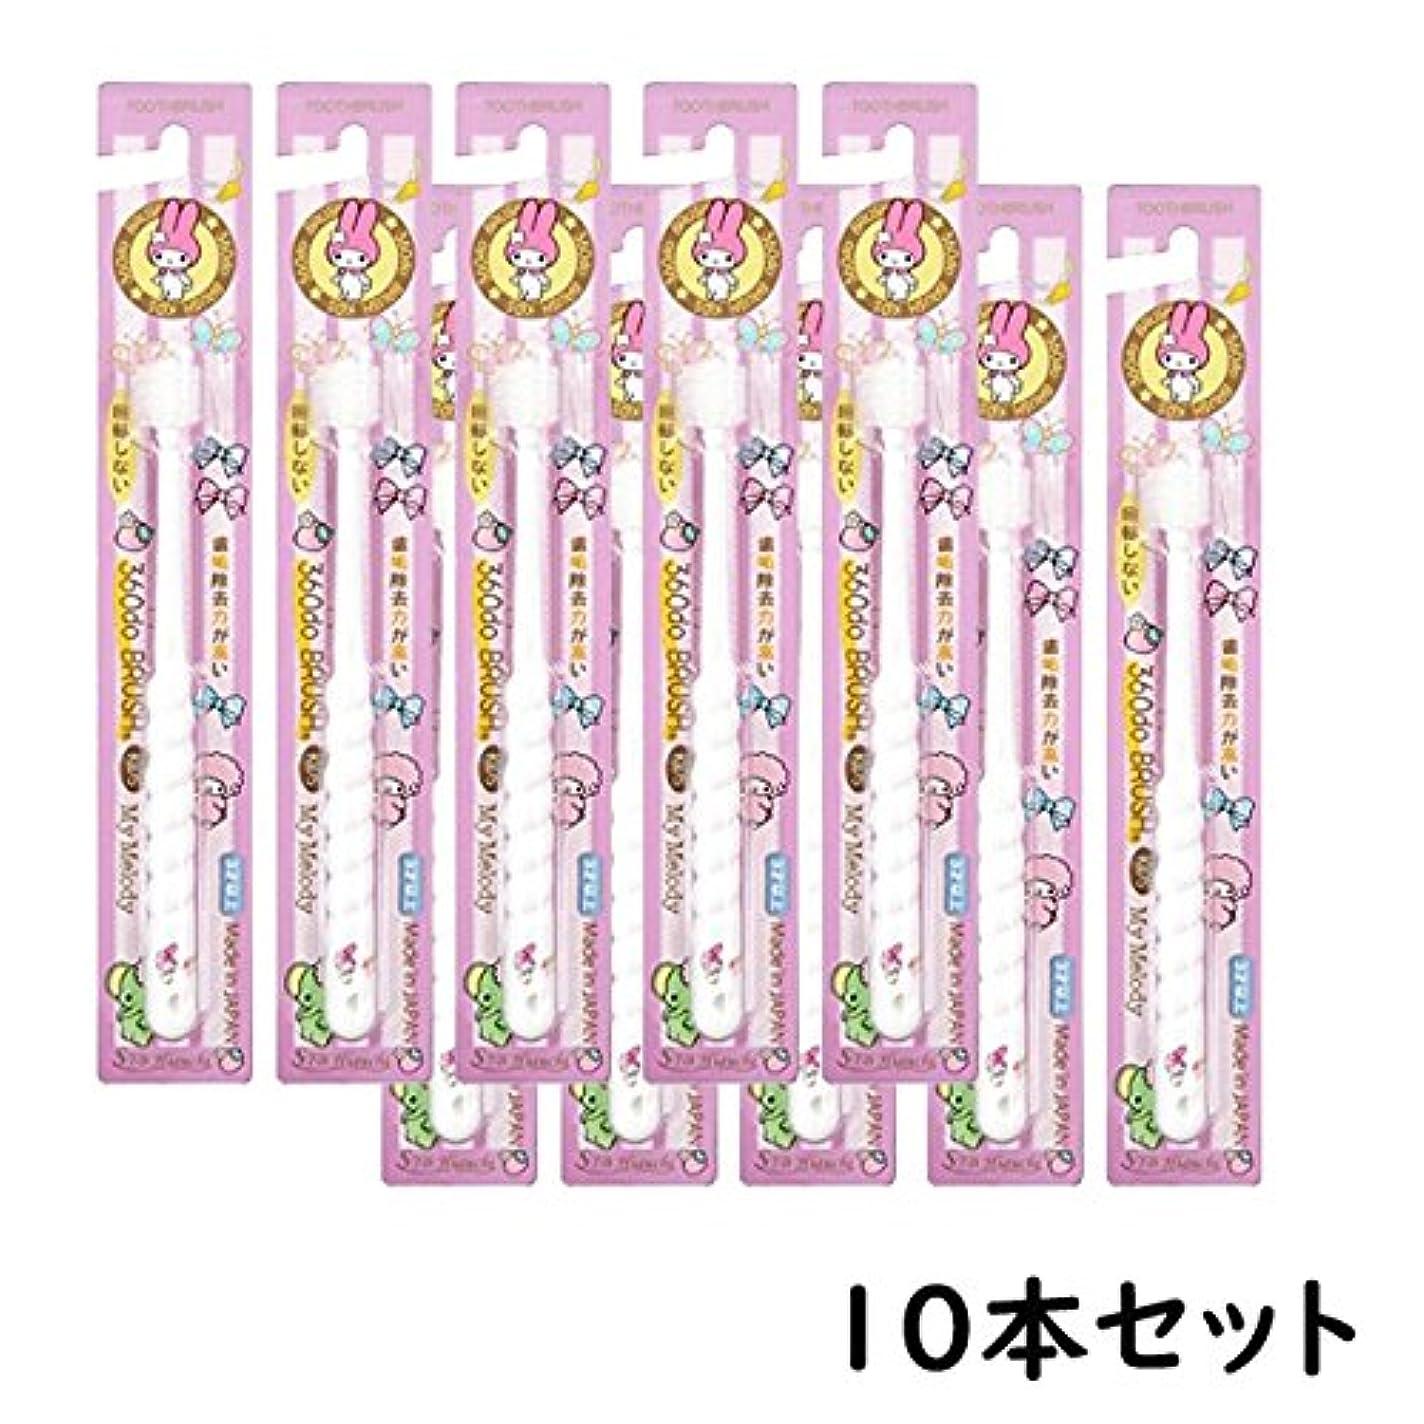 証拠ビジュアルディスク360度歯ブラシ 360do BRUSH たんぽぽの種キッズ マイメロディ (10本)